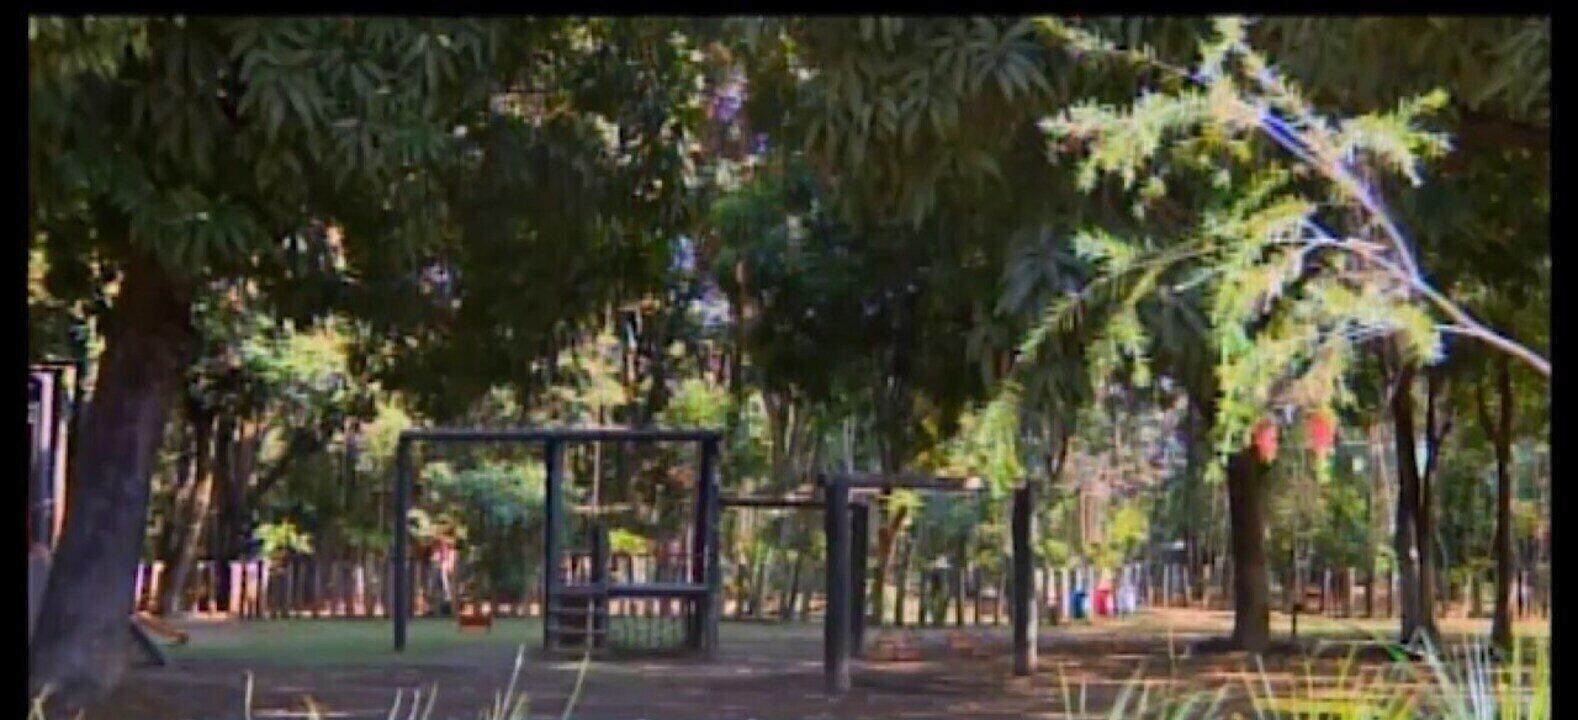 Carrapato transmissor da febre maculosa é encontrado no Parque da Ilha em Divinópolis